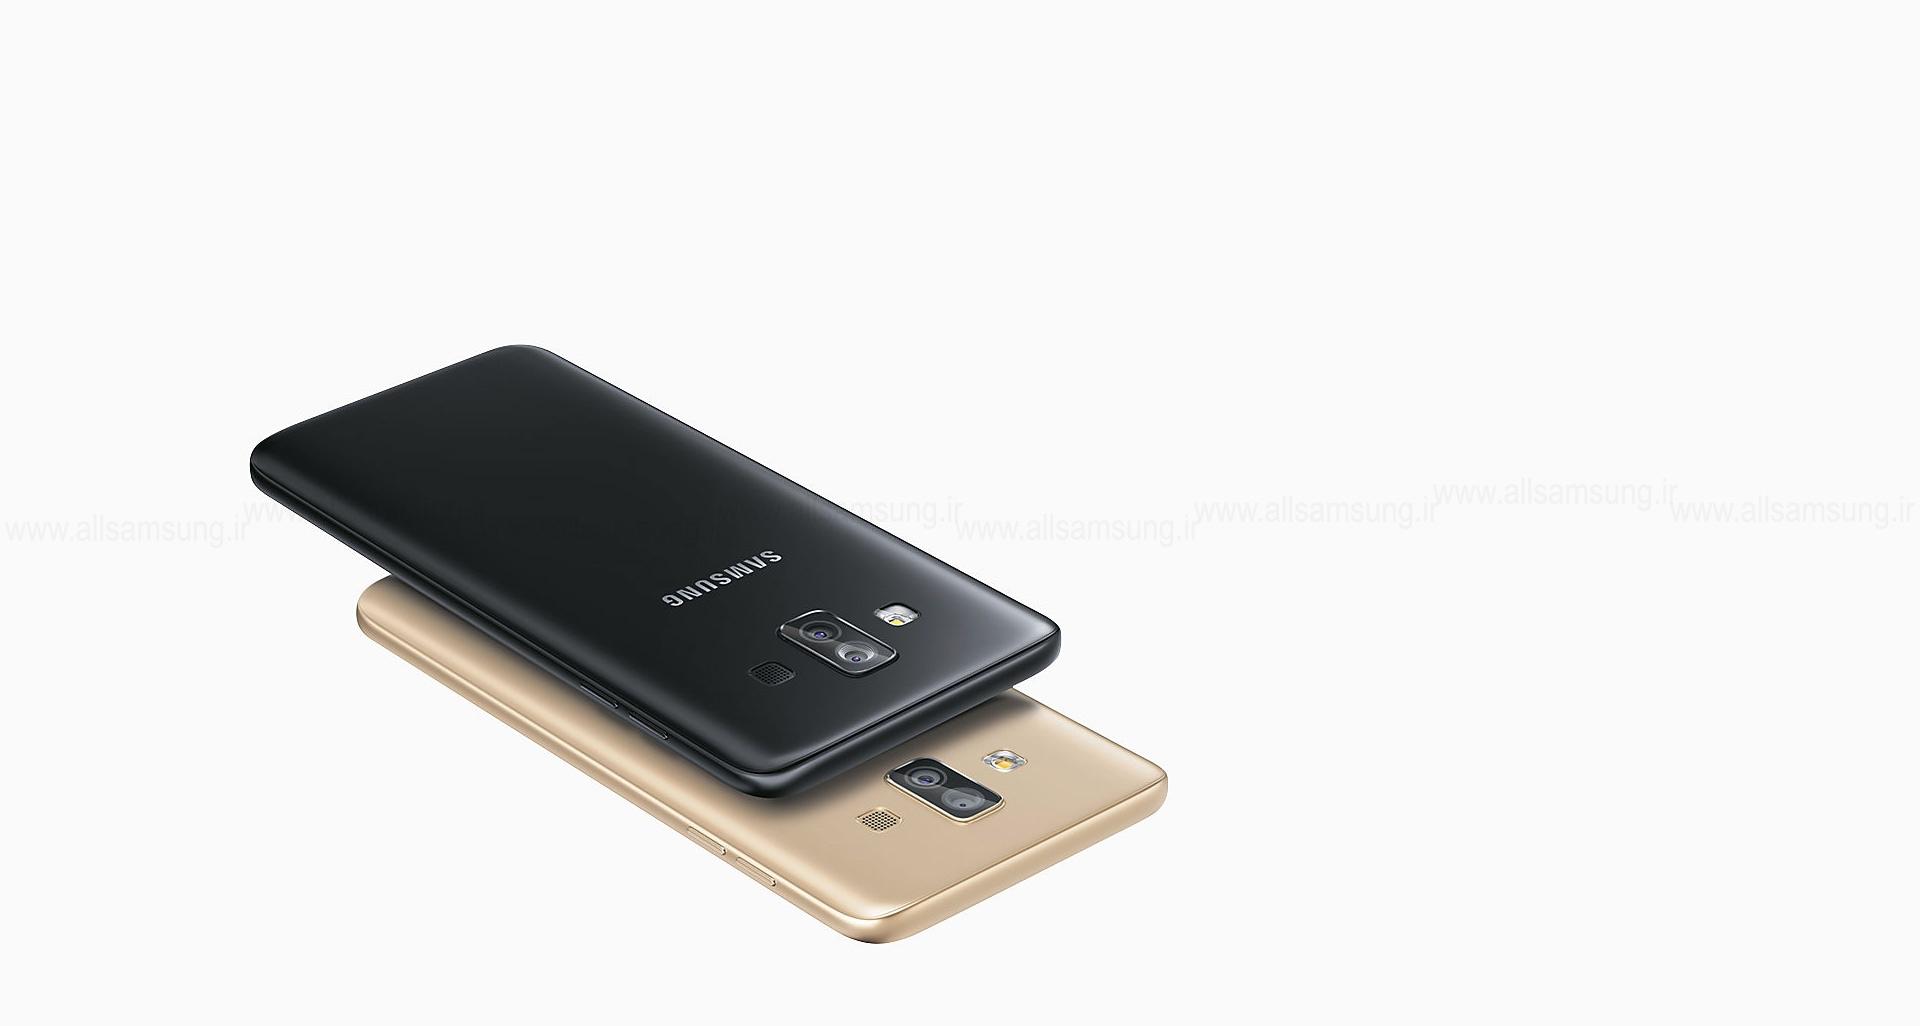 طراحی خیره کننده گوشی Galaxy J7 Duo